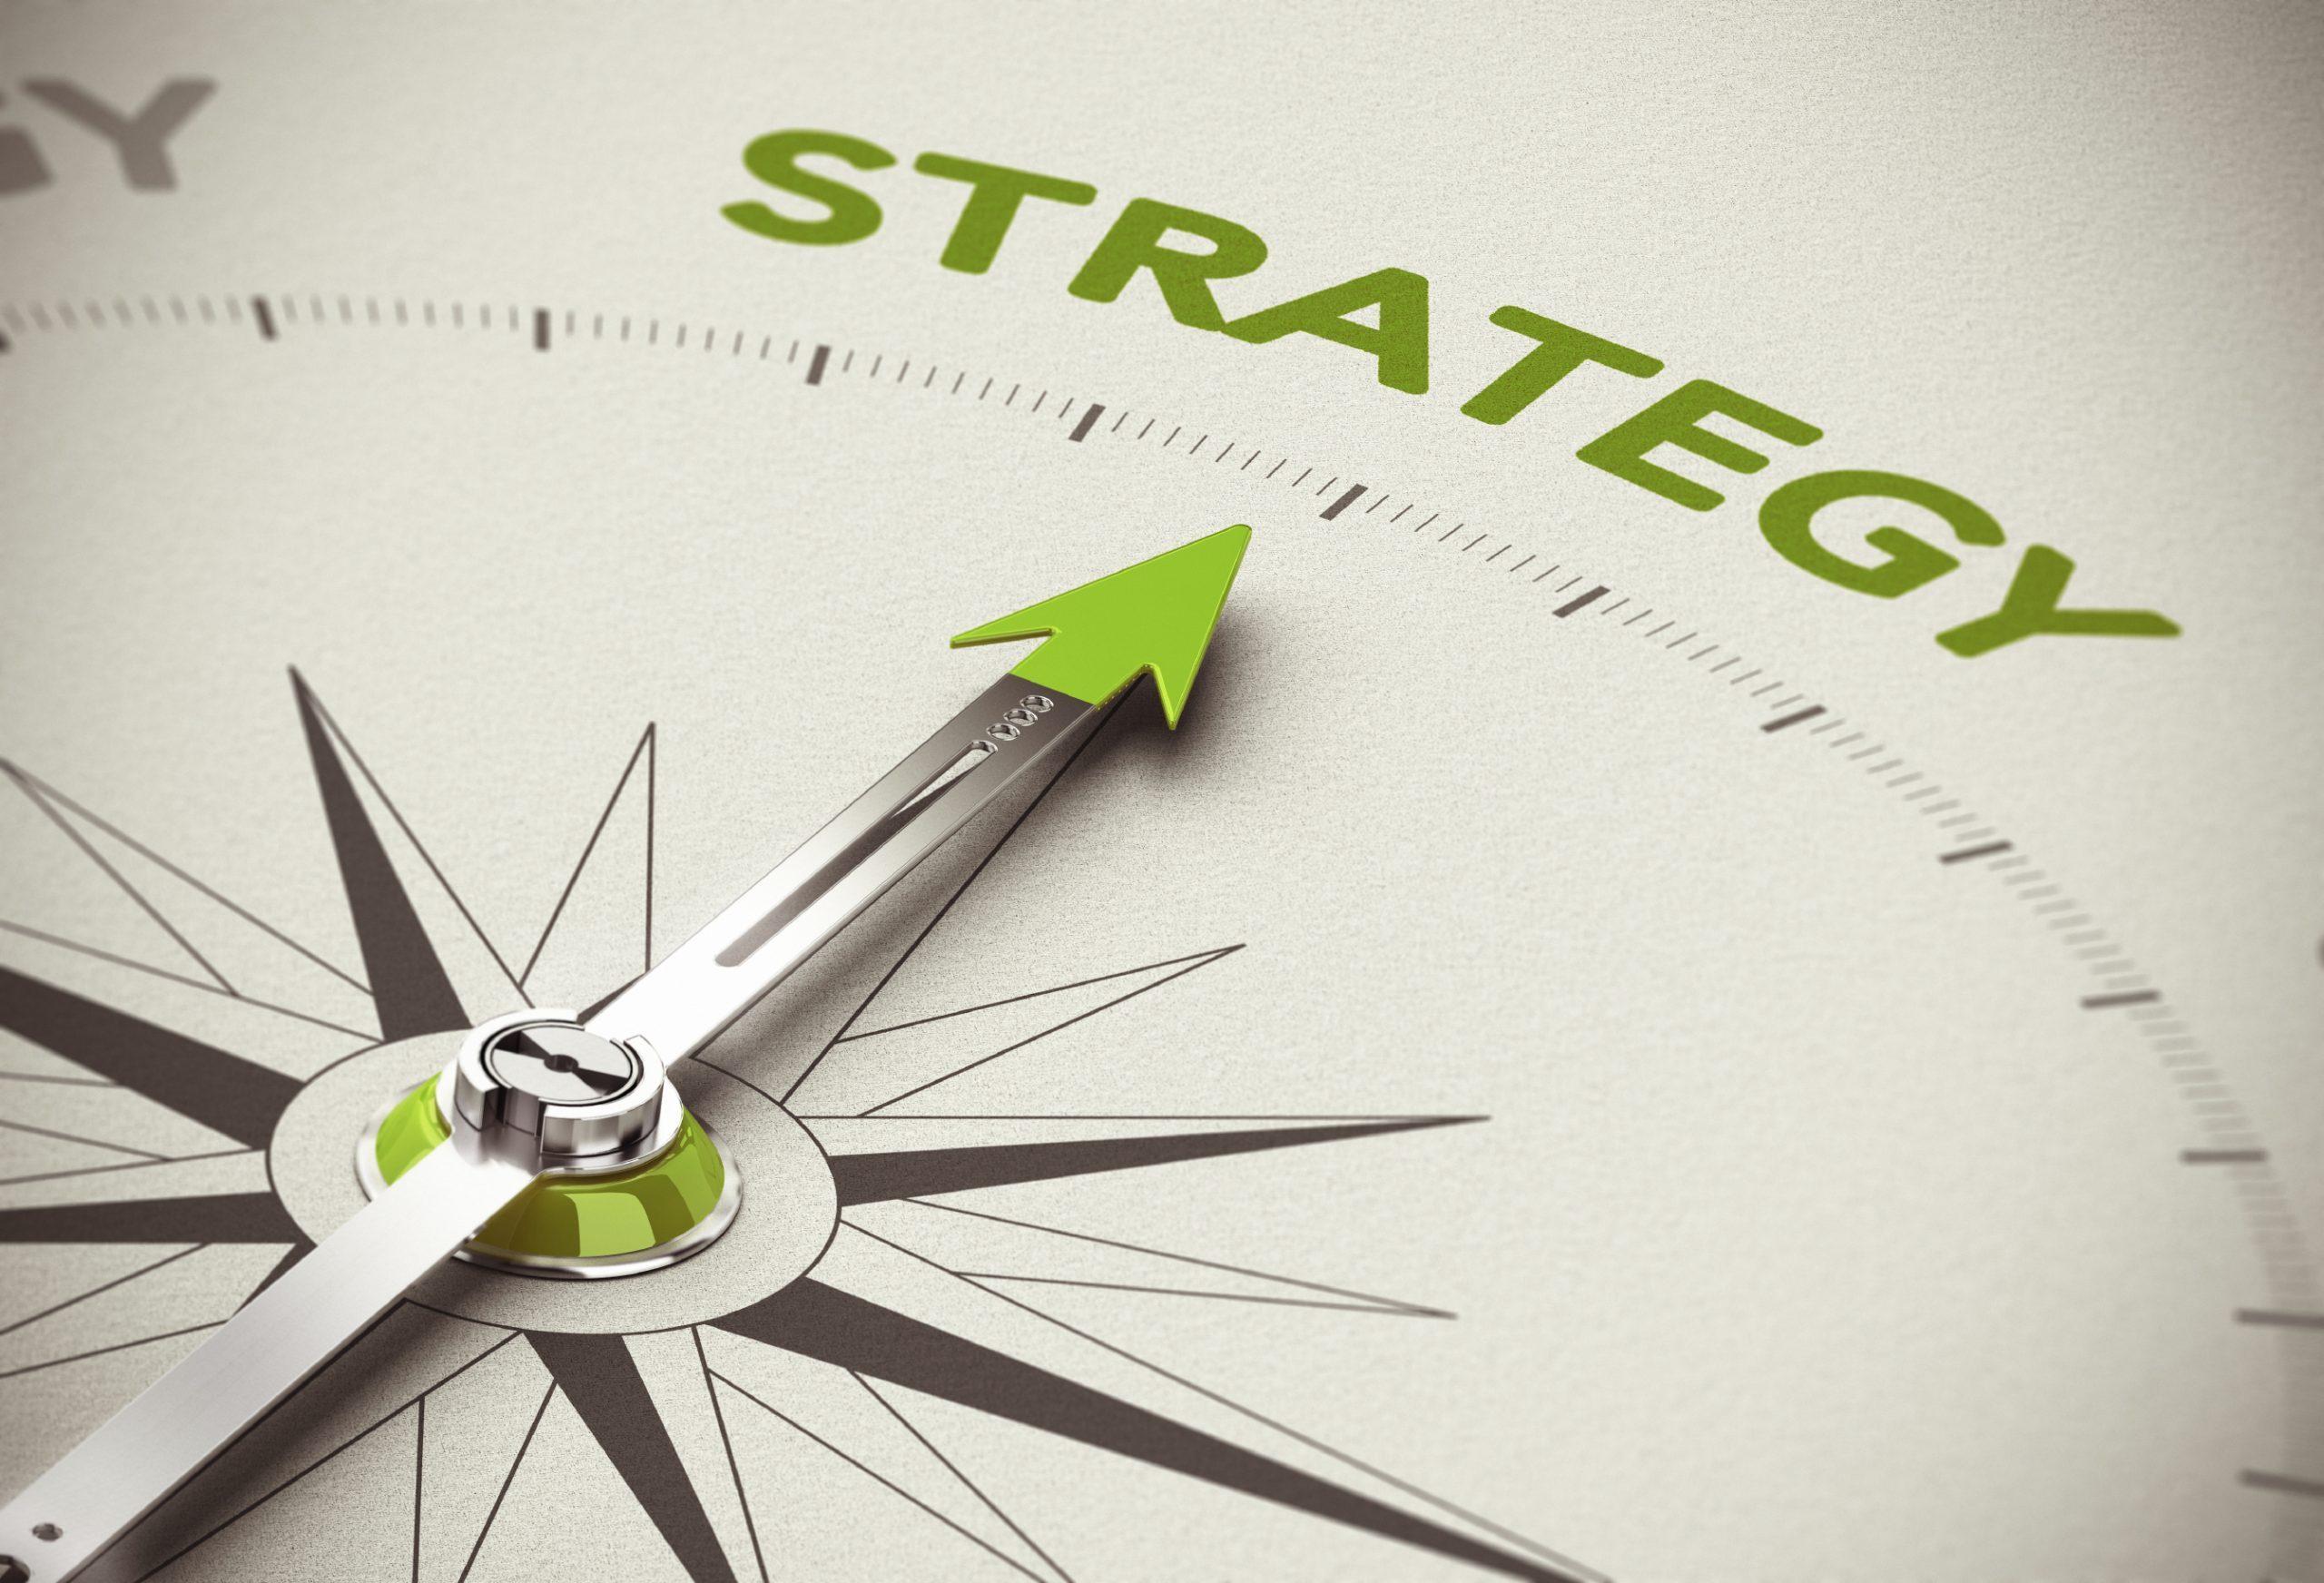 Chien luoc la gi scaled - Những chiến lược kinh doanh mỹ phẩm online hiệu quả nhất